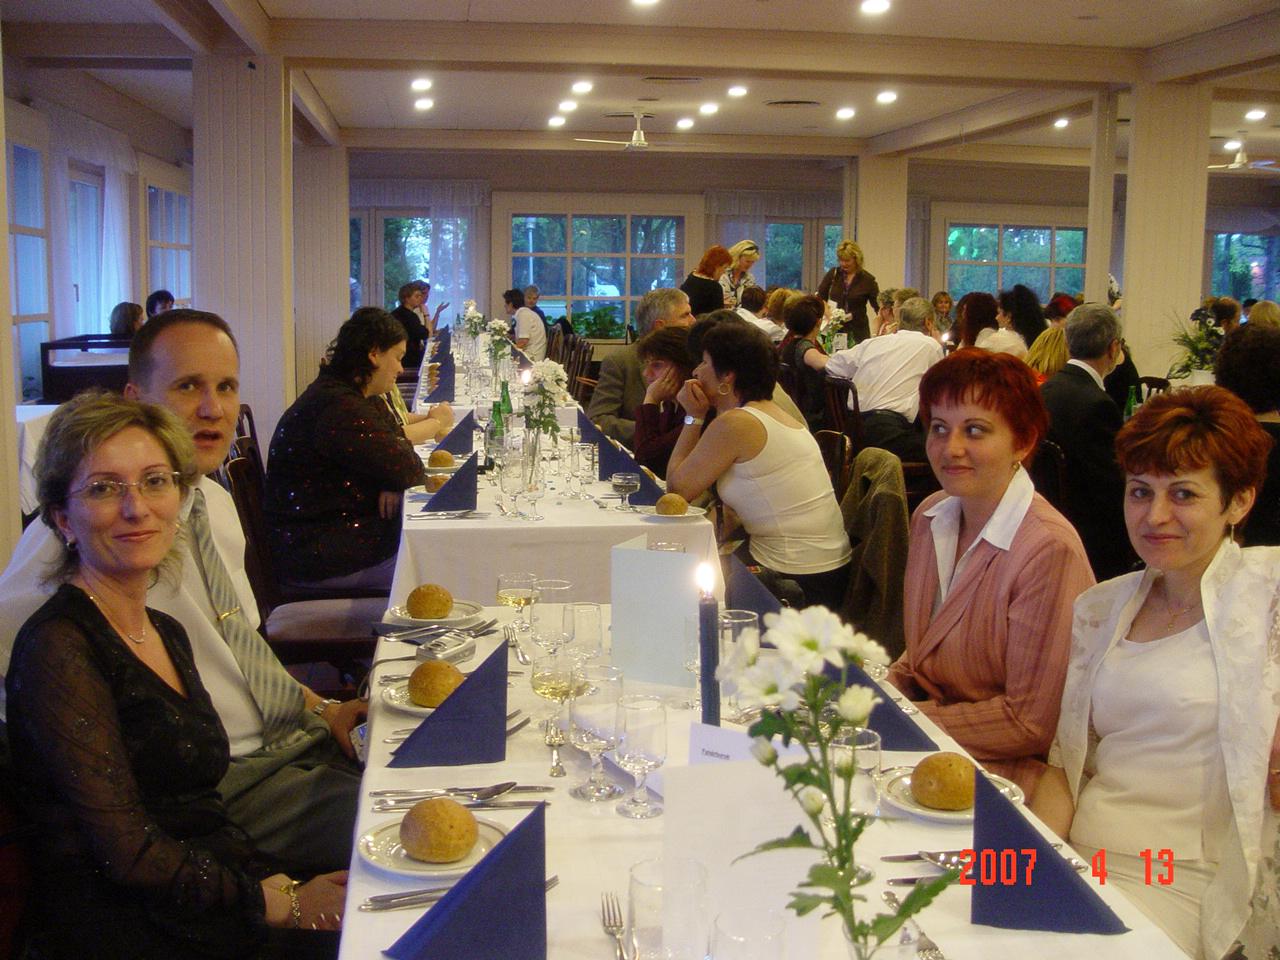 Kékgolyó Napok 2007 – Országos Onkológiai Szakdolgozói Továbbképző Konferencia és Kiállítás